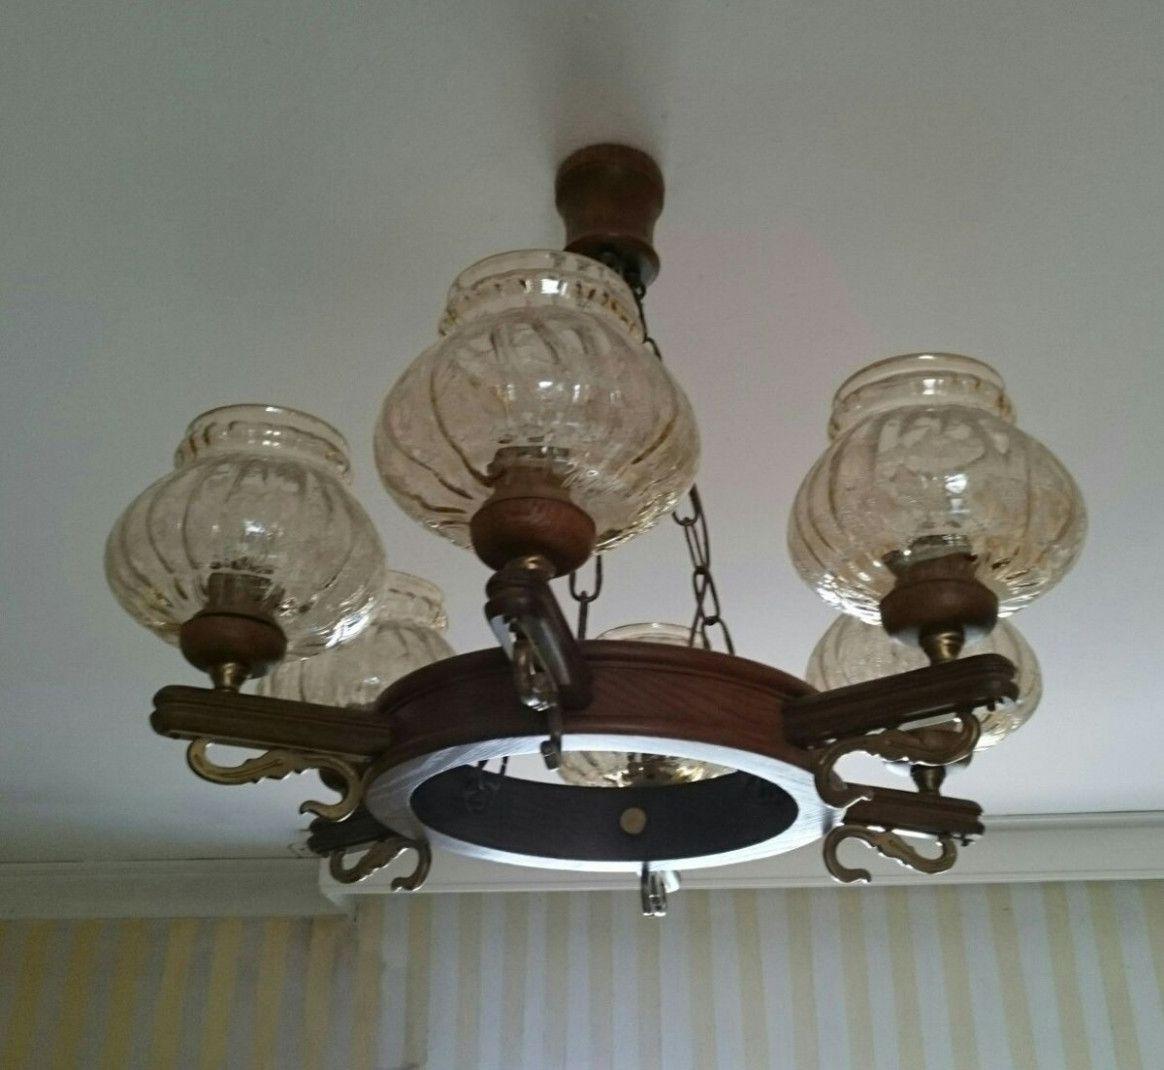 10 Wohnzimmerlampe Rustikal in 10  Wohnzimmerlampe, Eiche